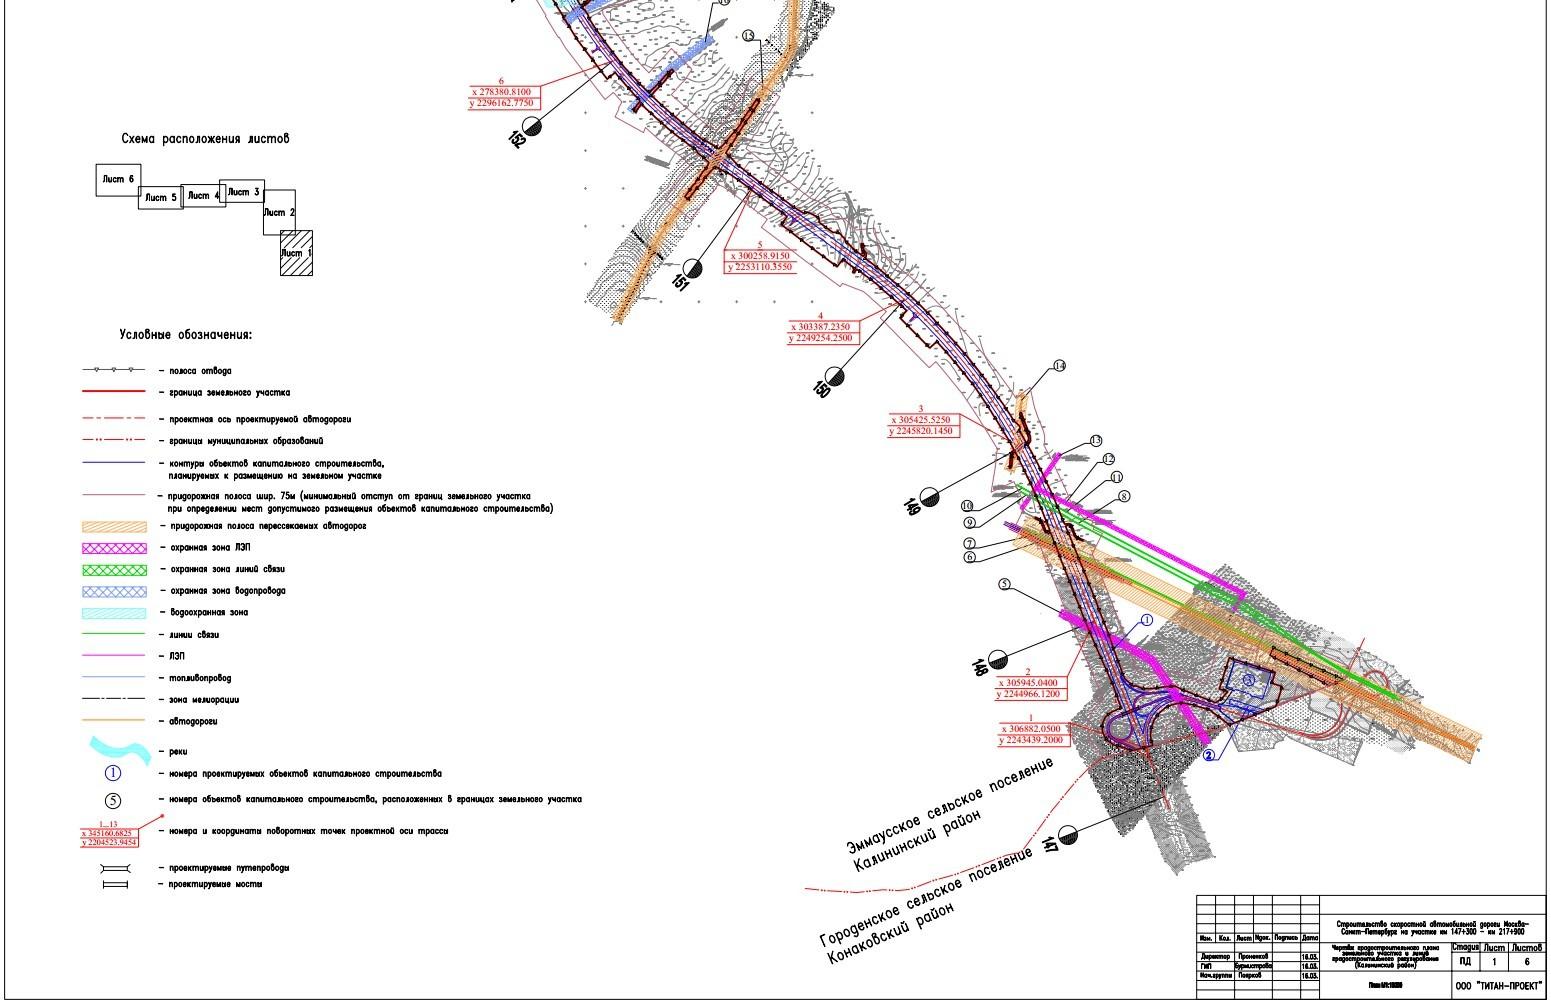 строительство линейных объектов в москве